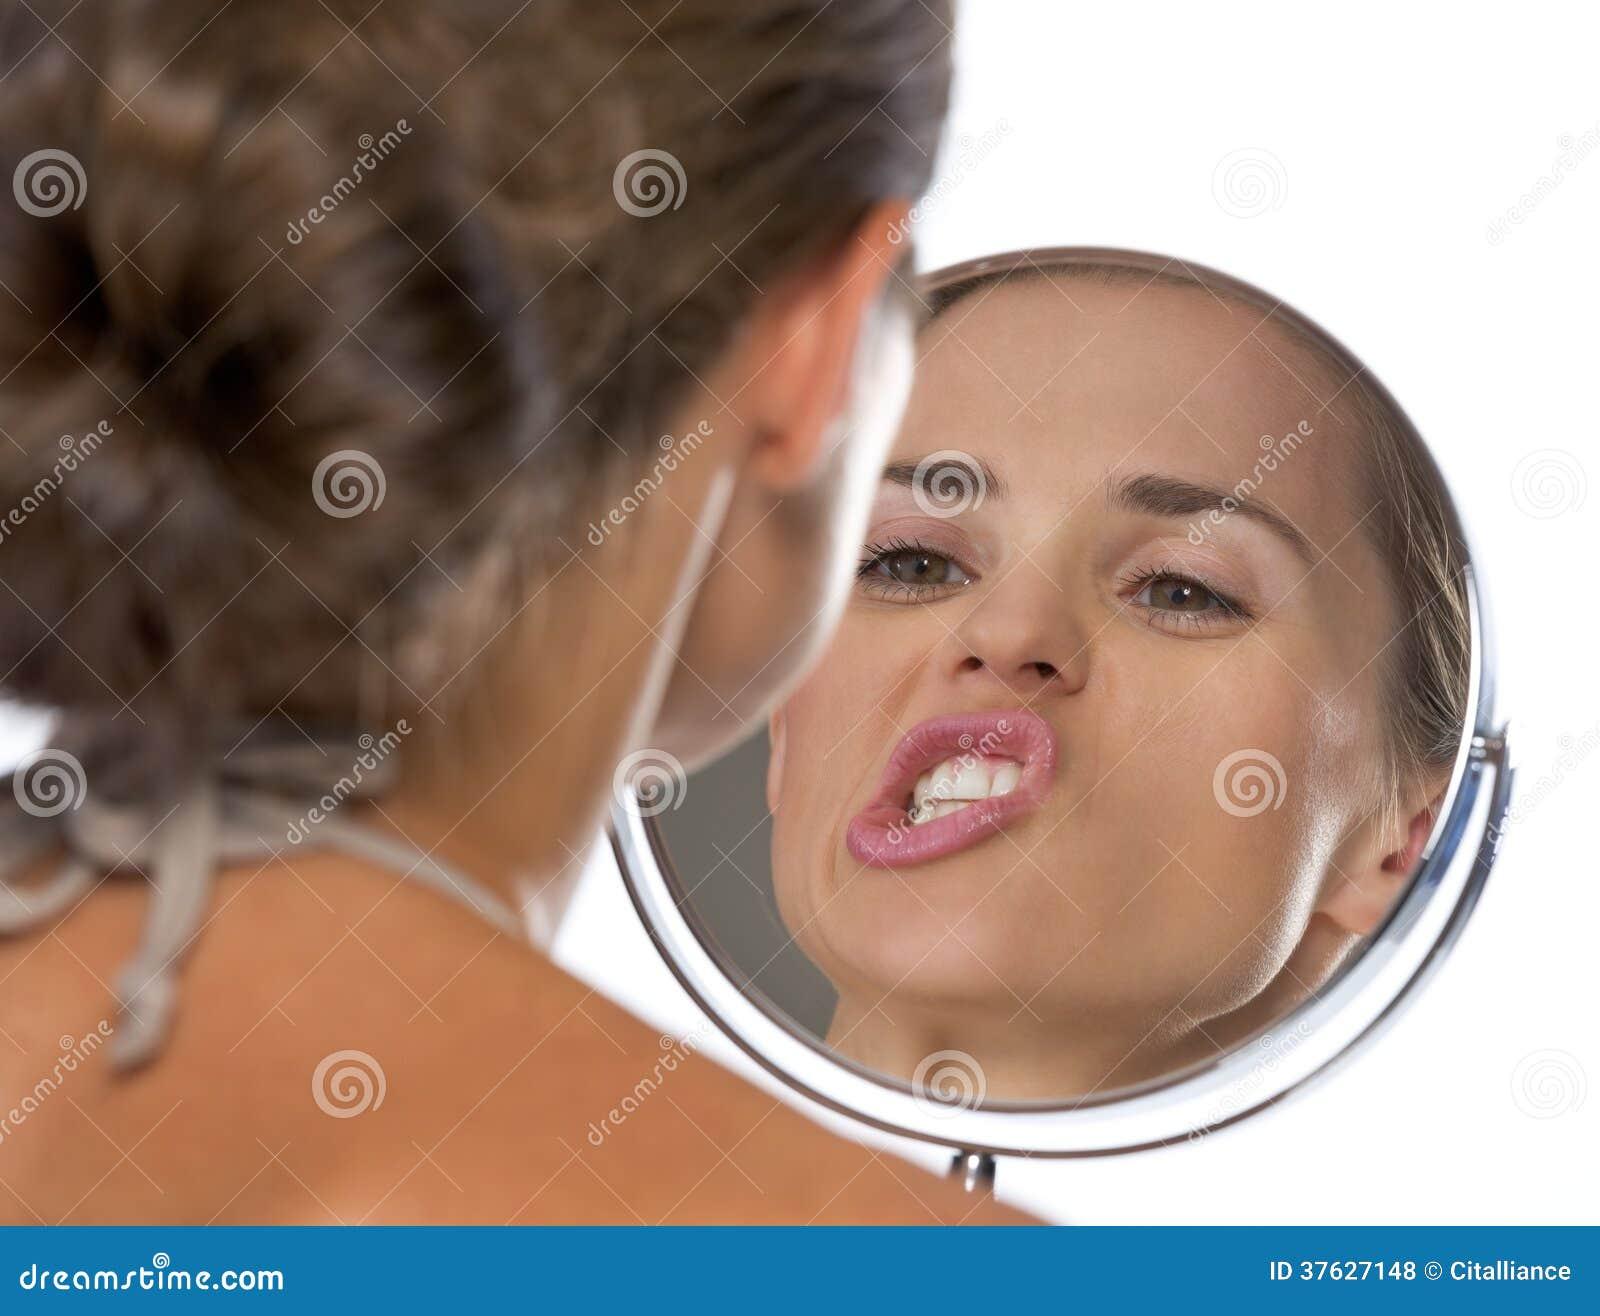 Jeune femme faisant les visages dr les tout en regardant for Regard dans le miroir